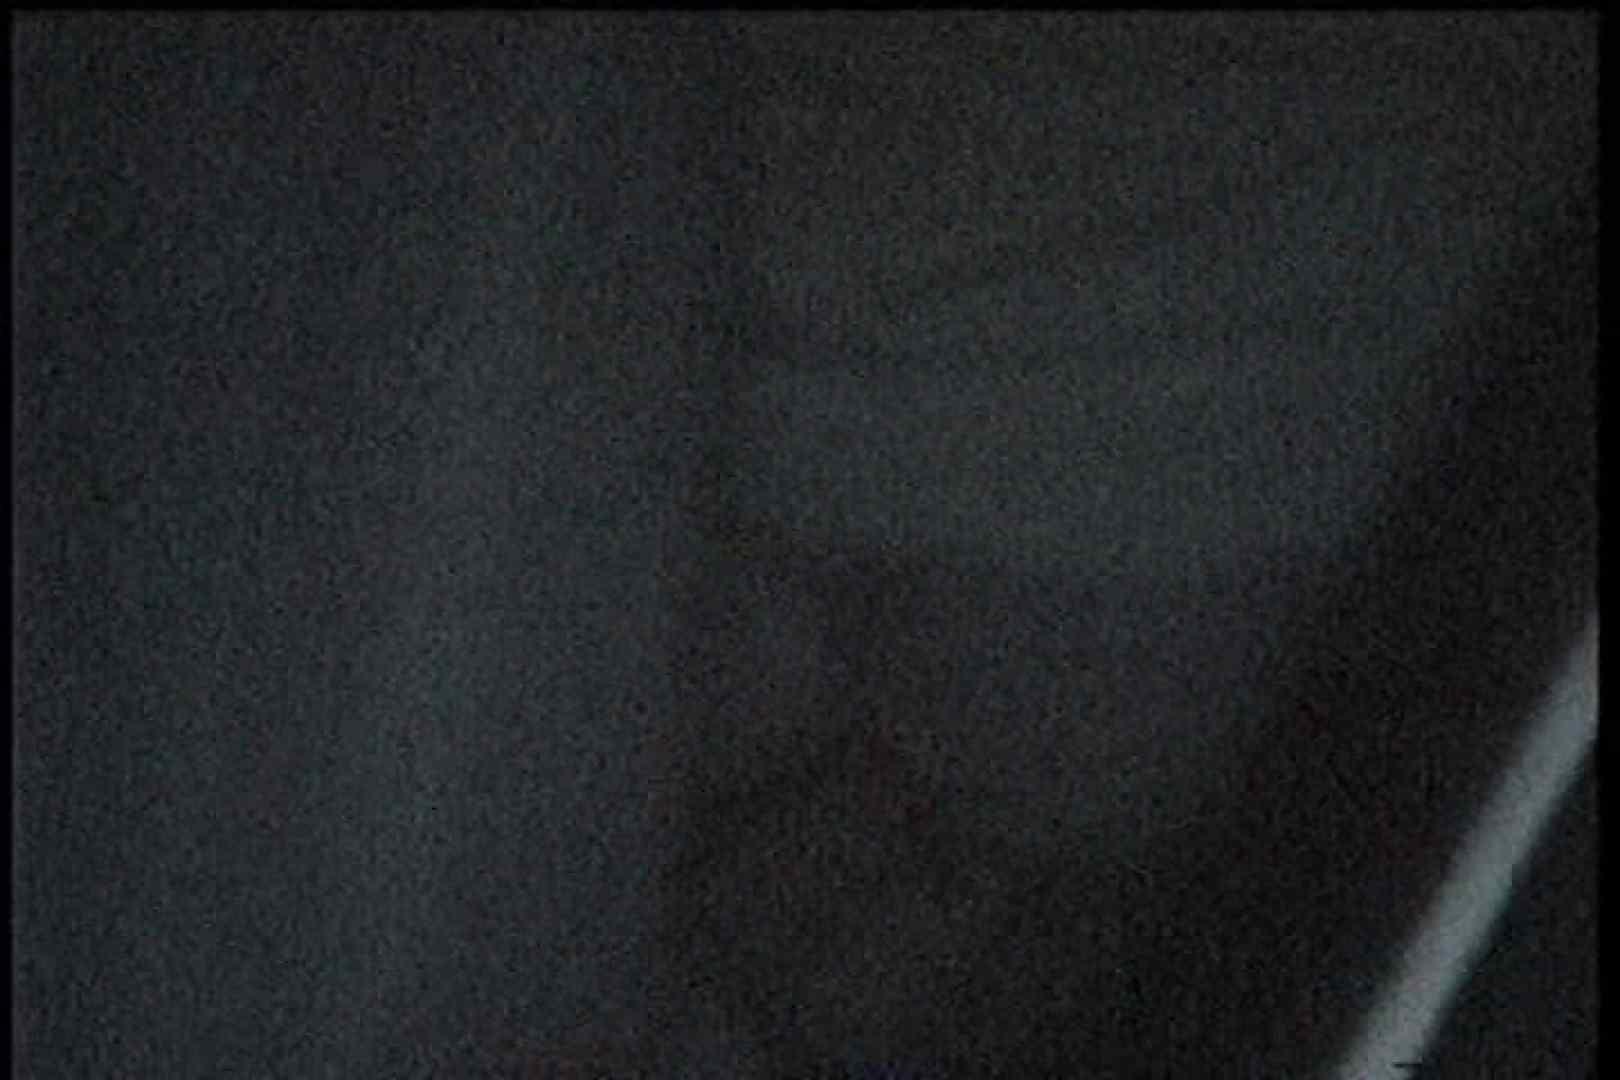 充血監督の深夜の運動会Vol.201 エッチなセックス   エロティックなOL  62画像 37